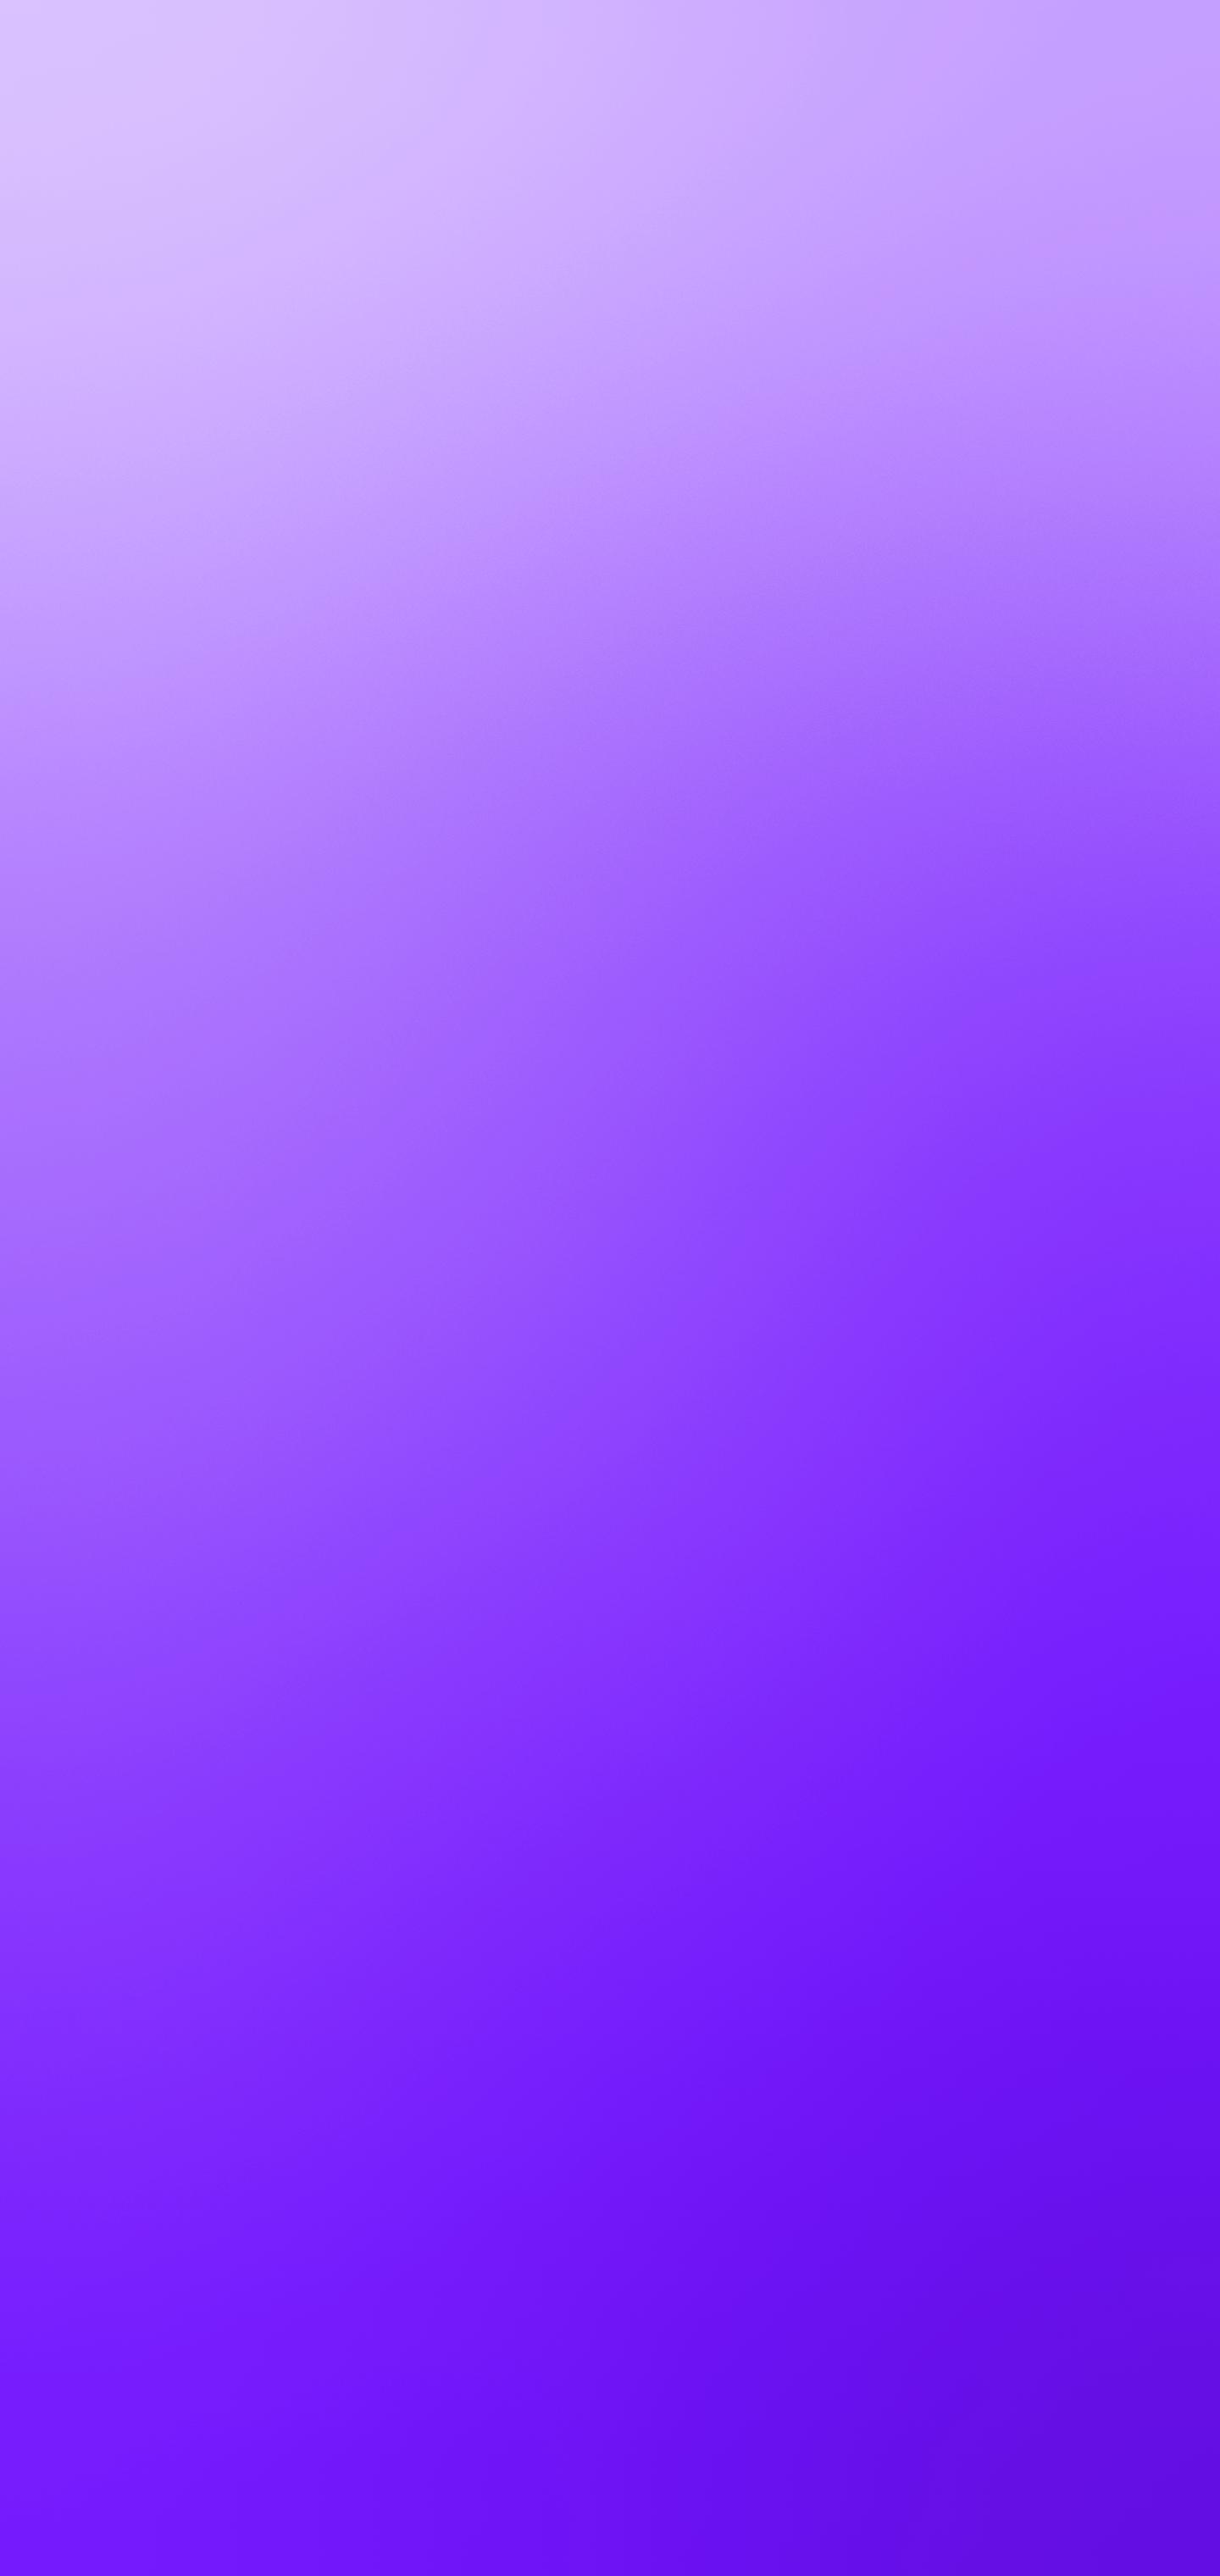 gradient iPhone wallpaper marcusbremen idownloadblog purple